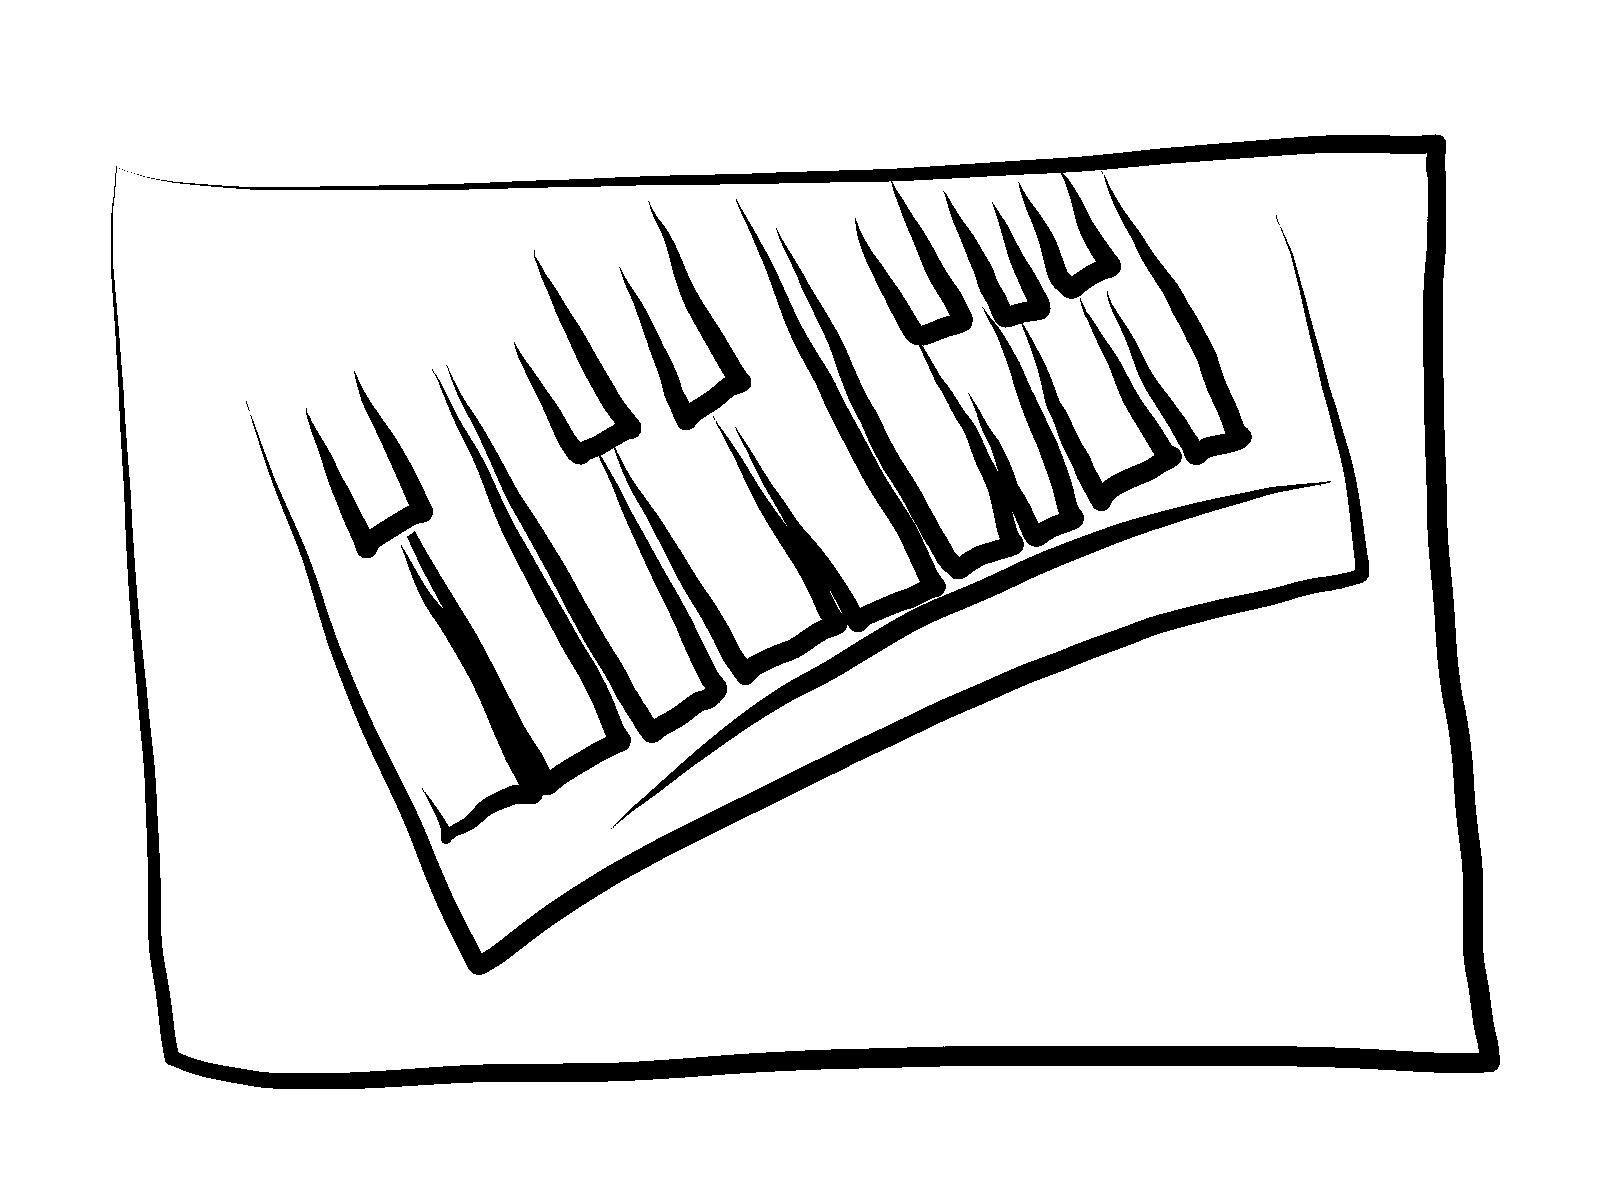 Tastiera / Keyboard